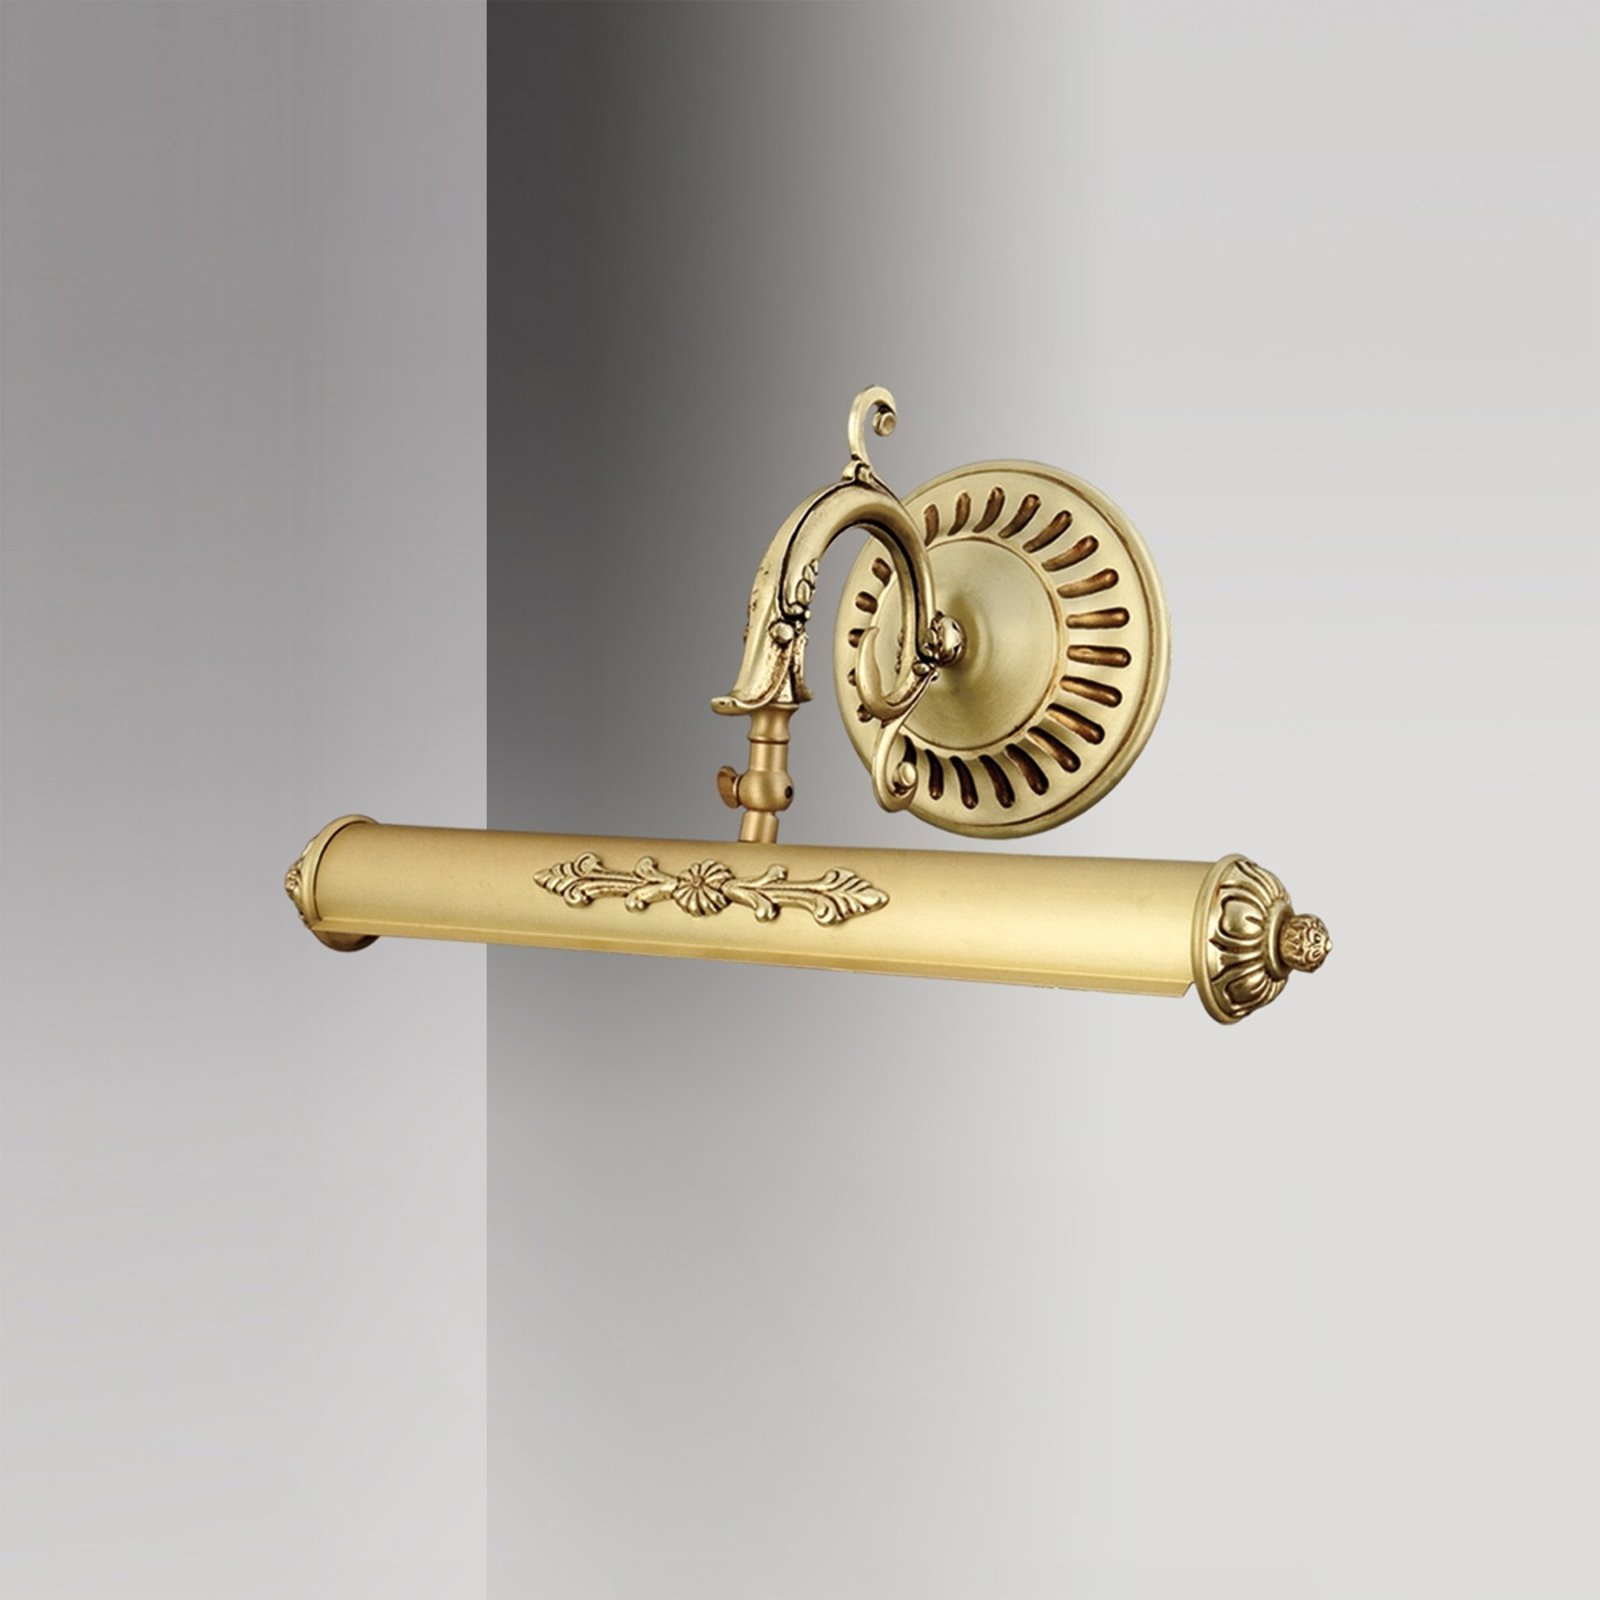 Bildelampe Eligio med flott dekorasjon, 40 cm